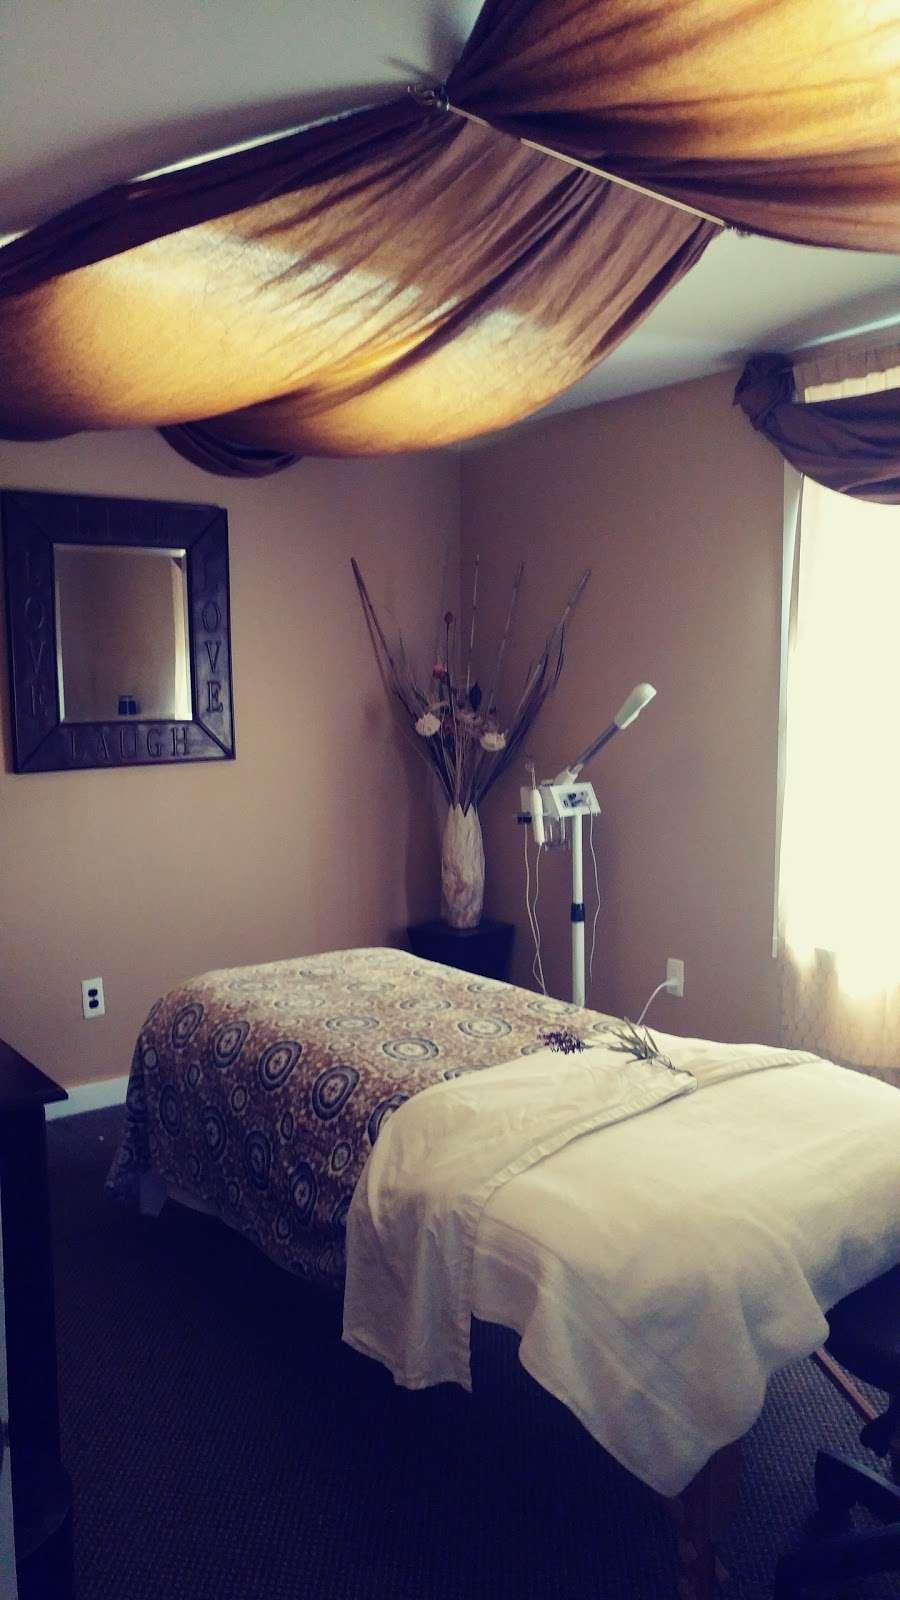 Giovanas Day Spa - spa  | Photo 4 of 7 | Address: 703 Broad St a201, Shrewsbury, NJ 07702, USA | Phone: (732) 852-2501